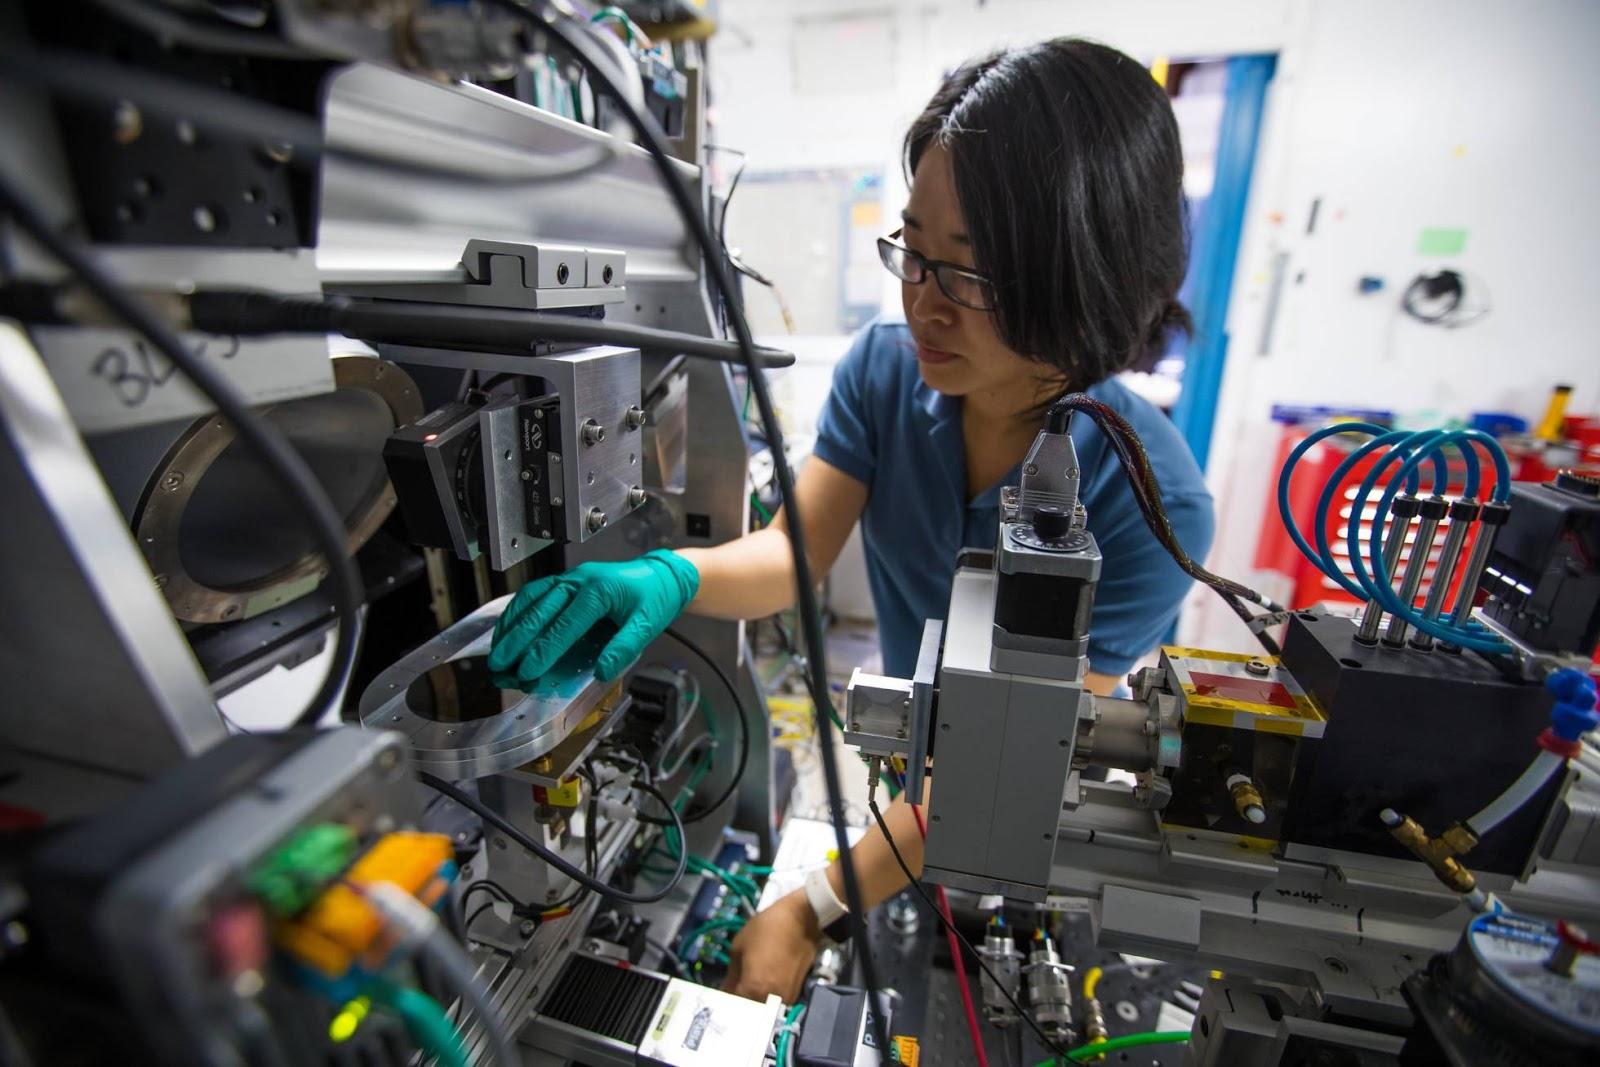 Pesquisadora em laboratório dos EUA que emprega sistemas de inteligência artificial para buscar novos materiais. SLAC